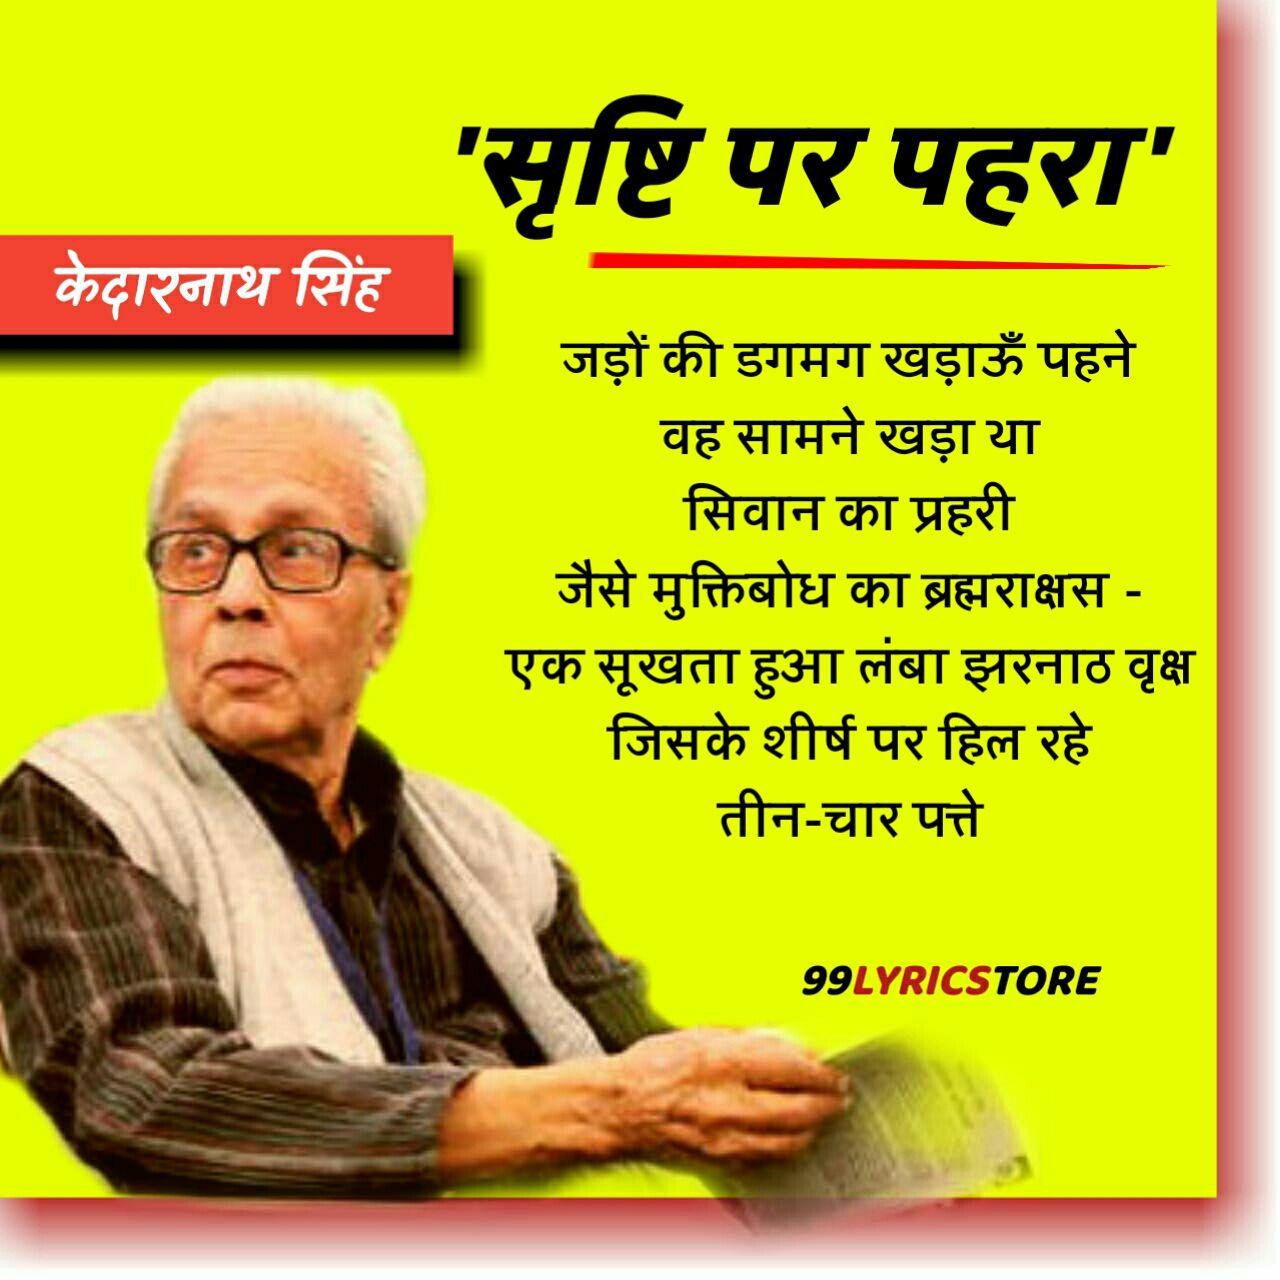 'सृष्टि पर पहरा' कविता केदारनाथ सिंह जी द्वारा लिखी गई एक हिन्दी कविता है।